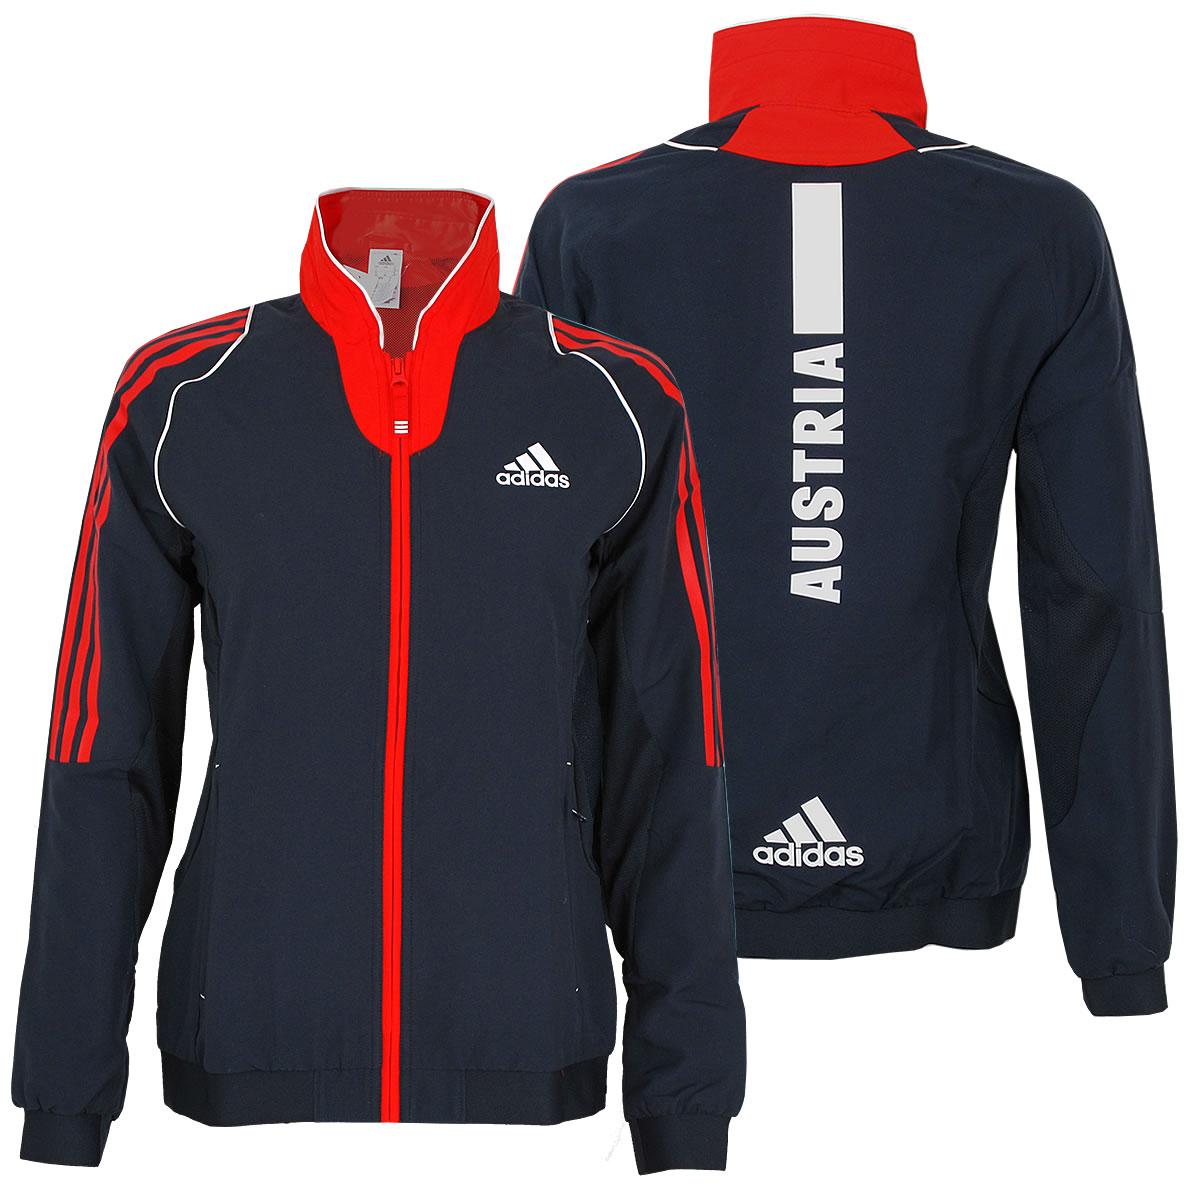 adidas Damen Präsentation Jacke Teamjacke Trainingsjacke